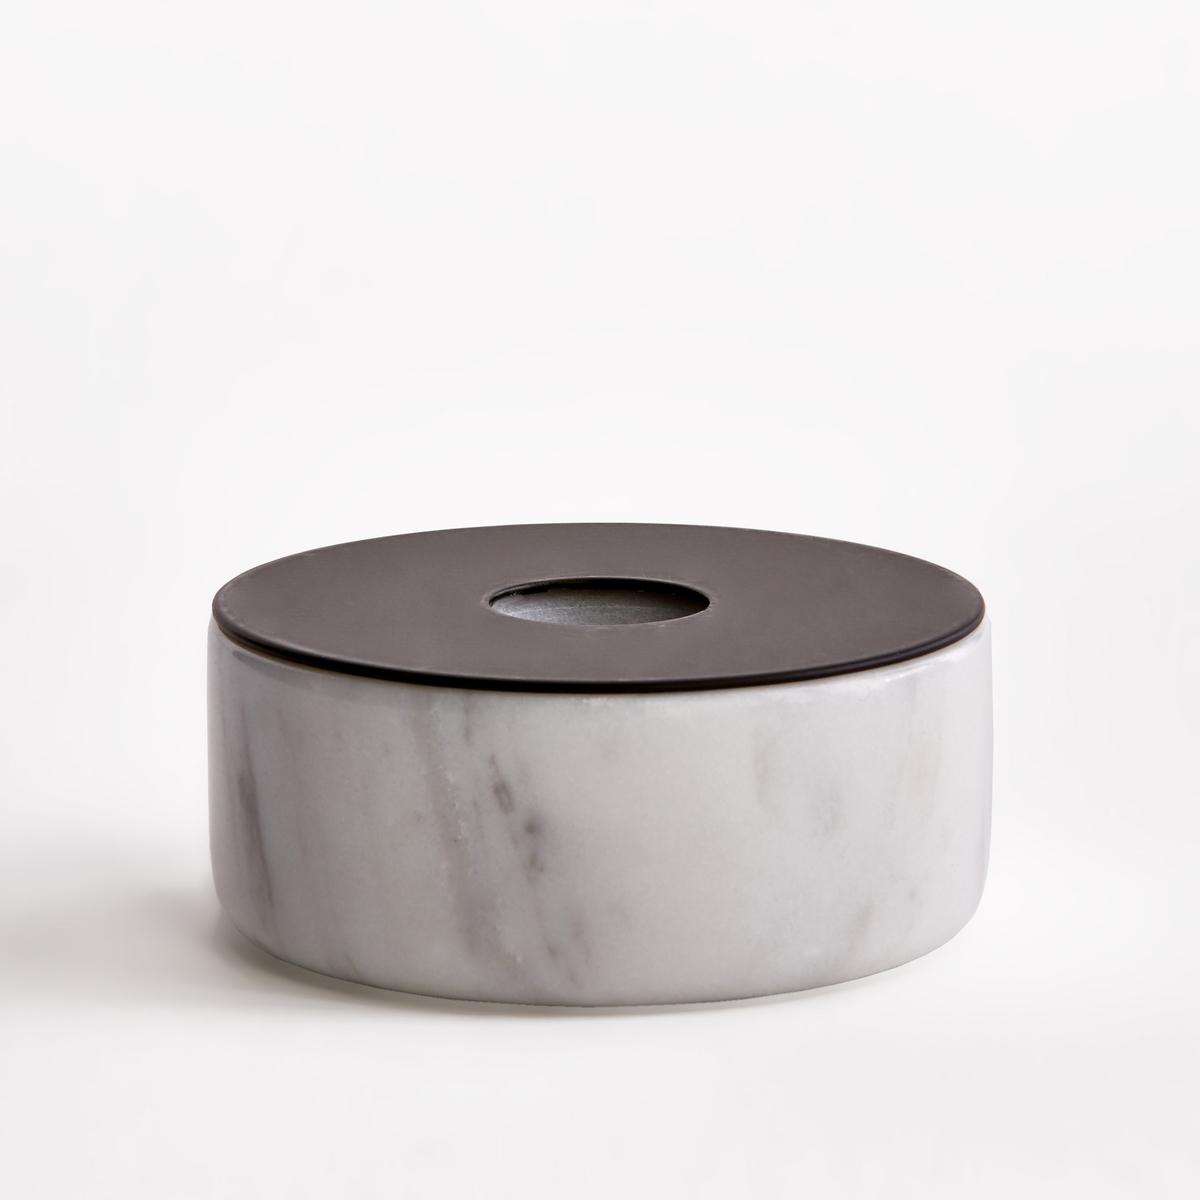 Подсвечник мраморный, размер 1, В.3,5 см, Malerba<br><br>Цвет: мраморный